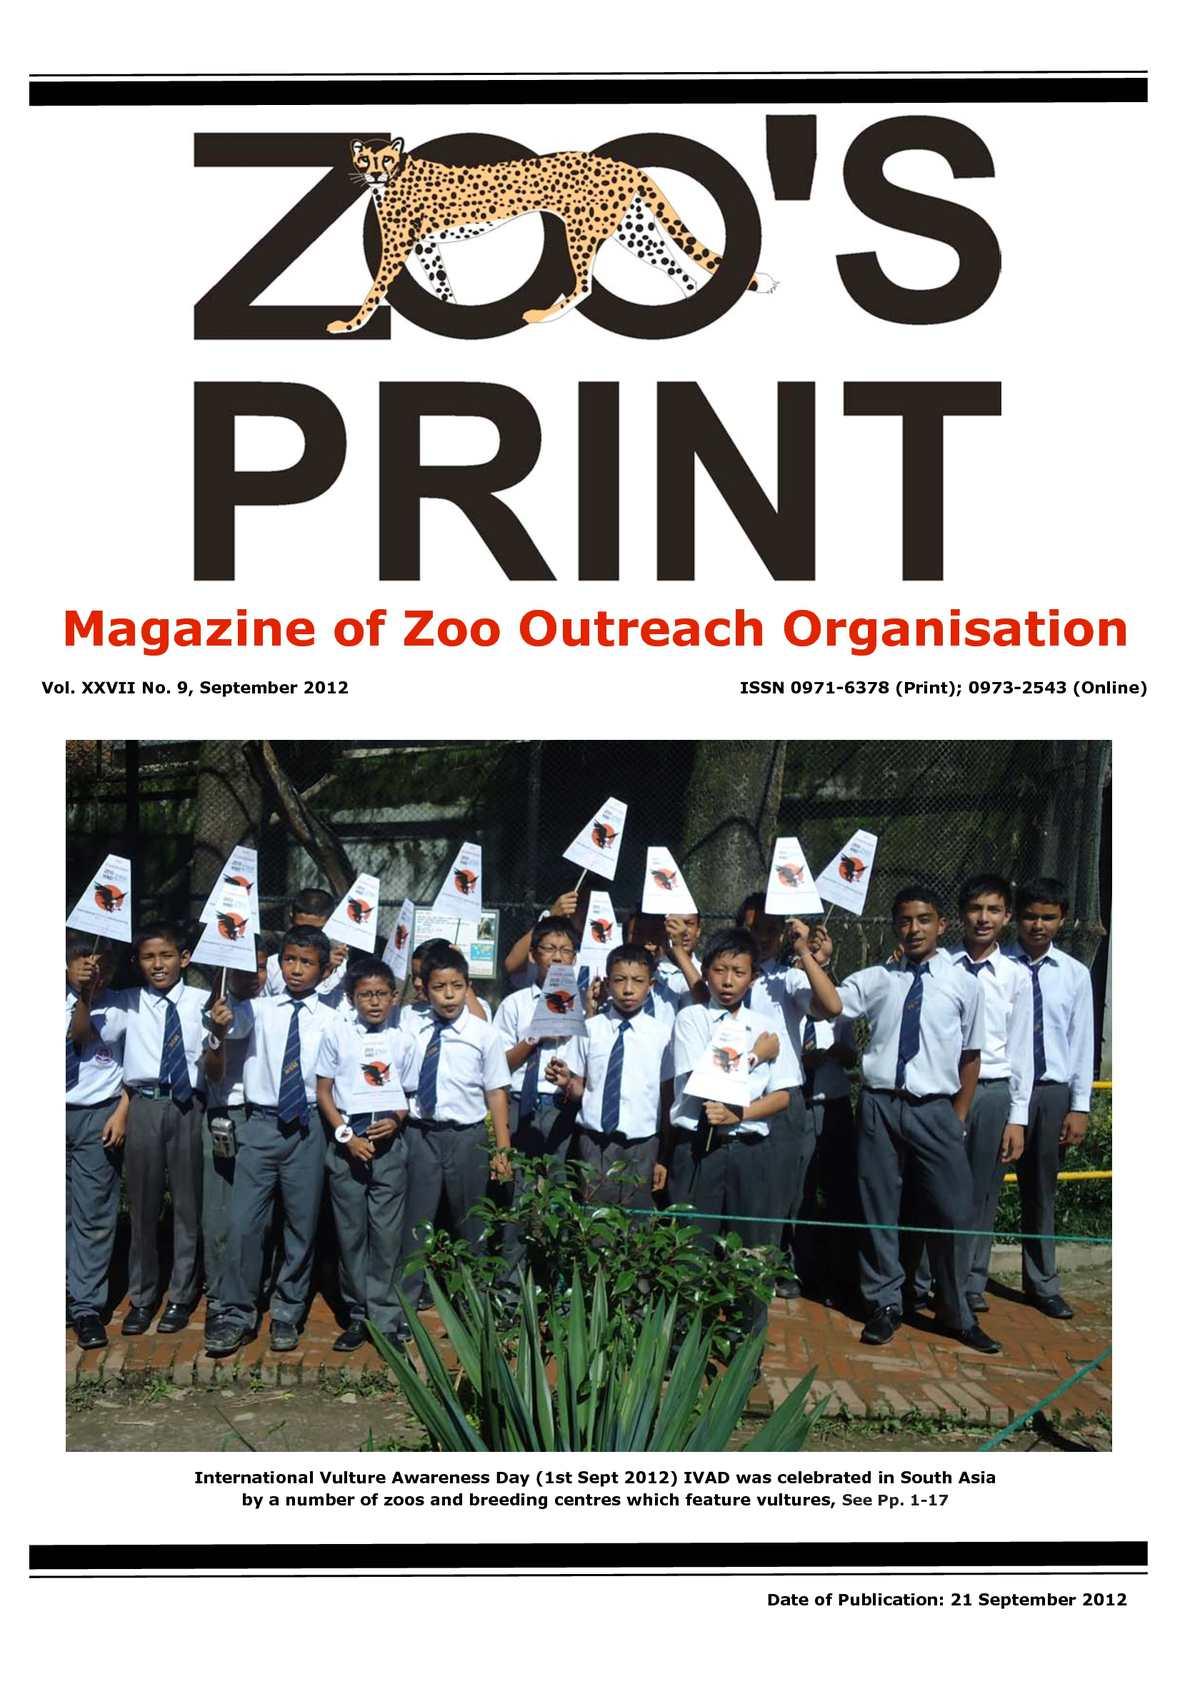 Calaméo - Zoos Print September 2012